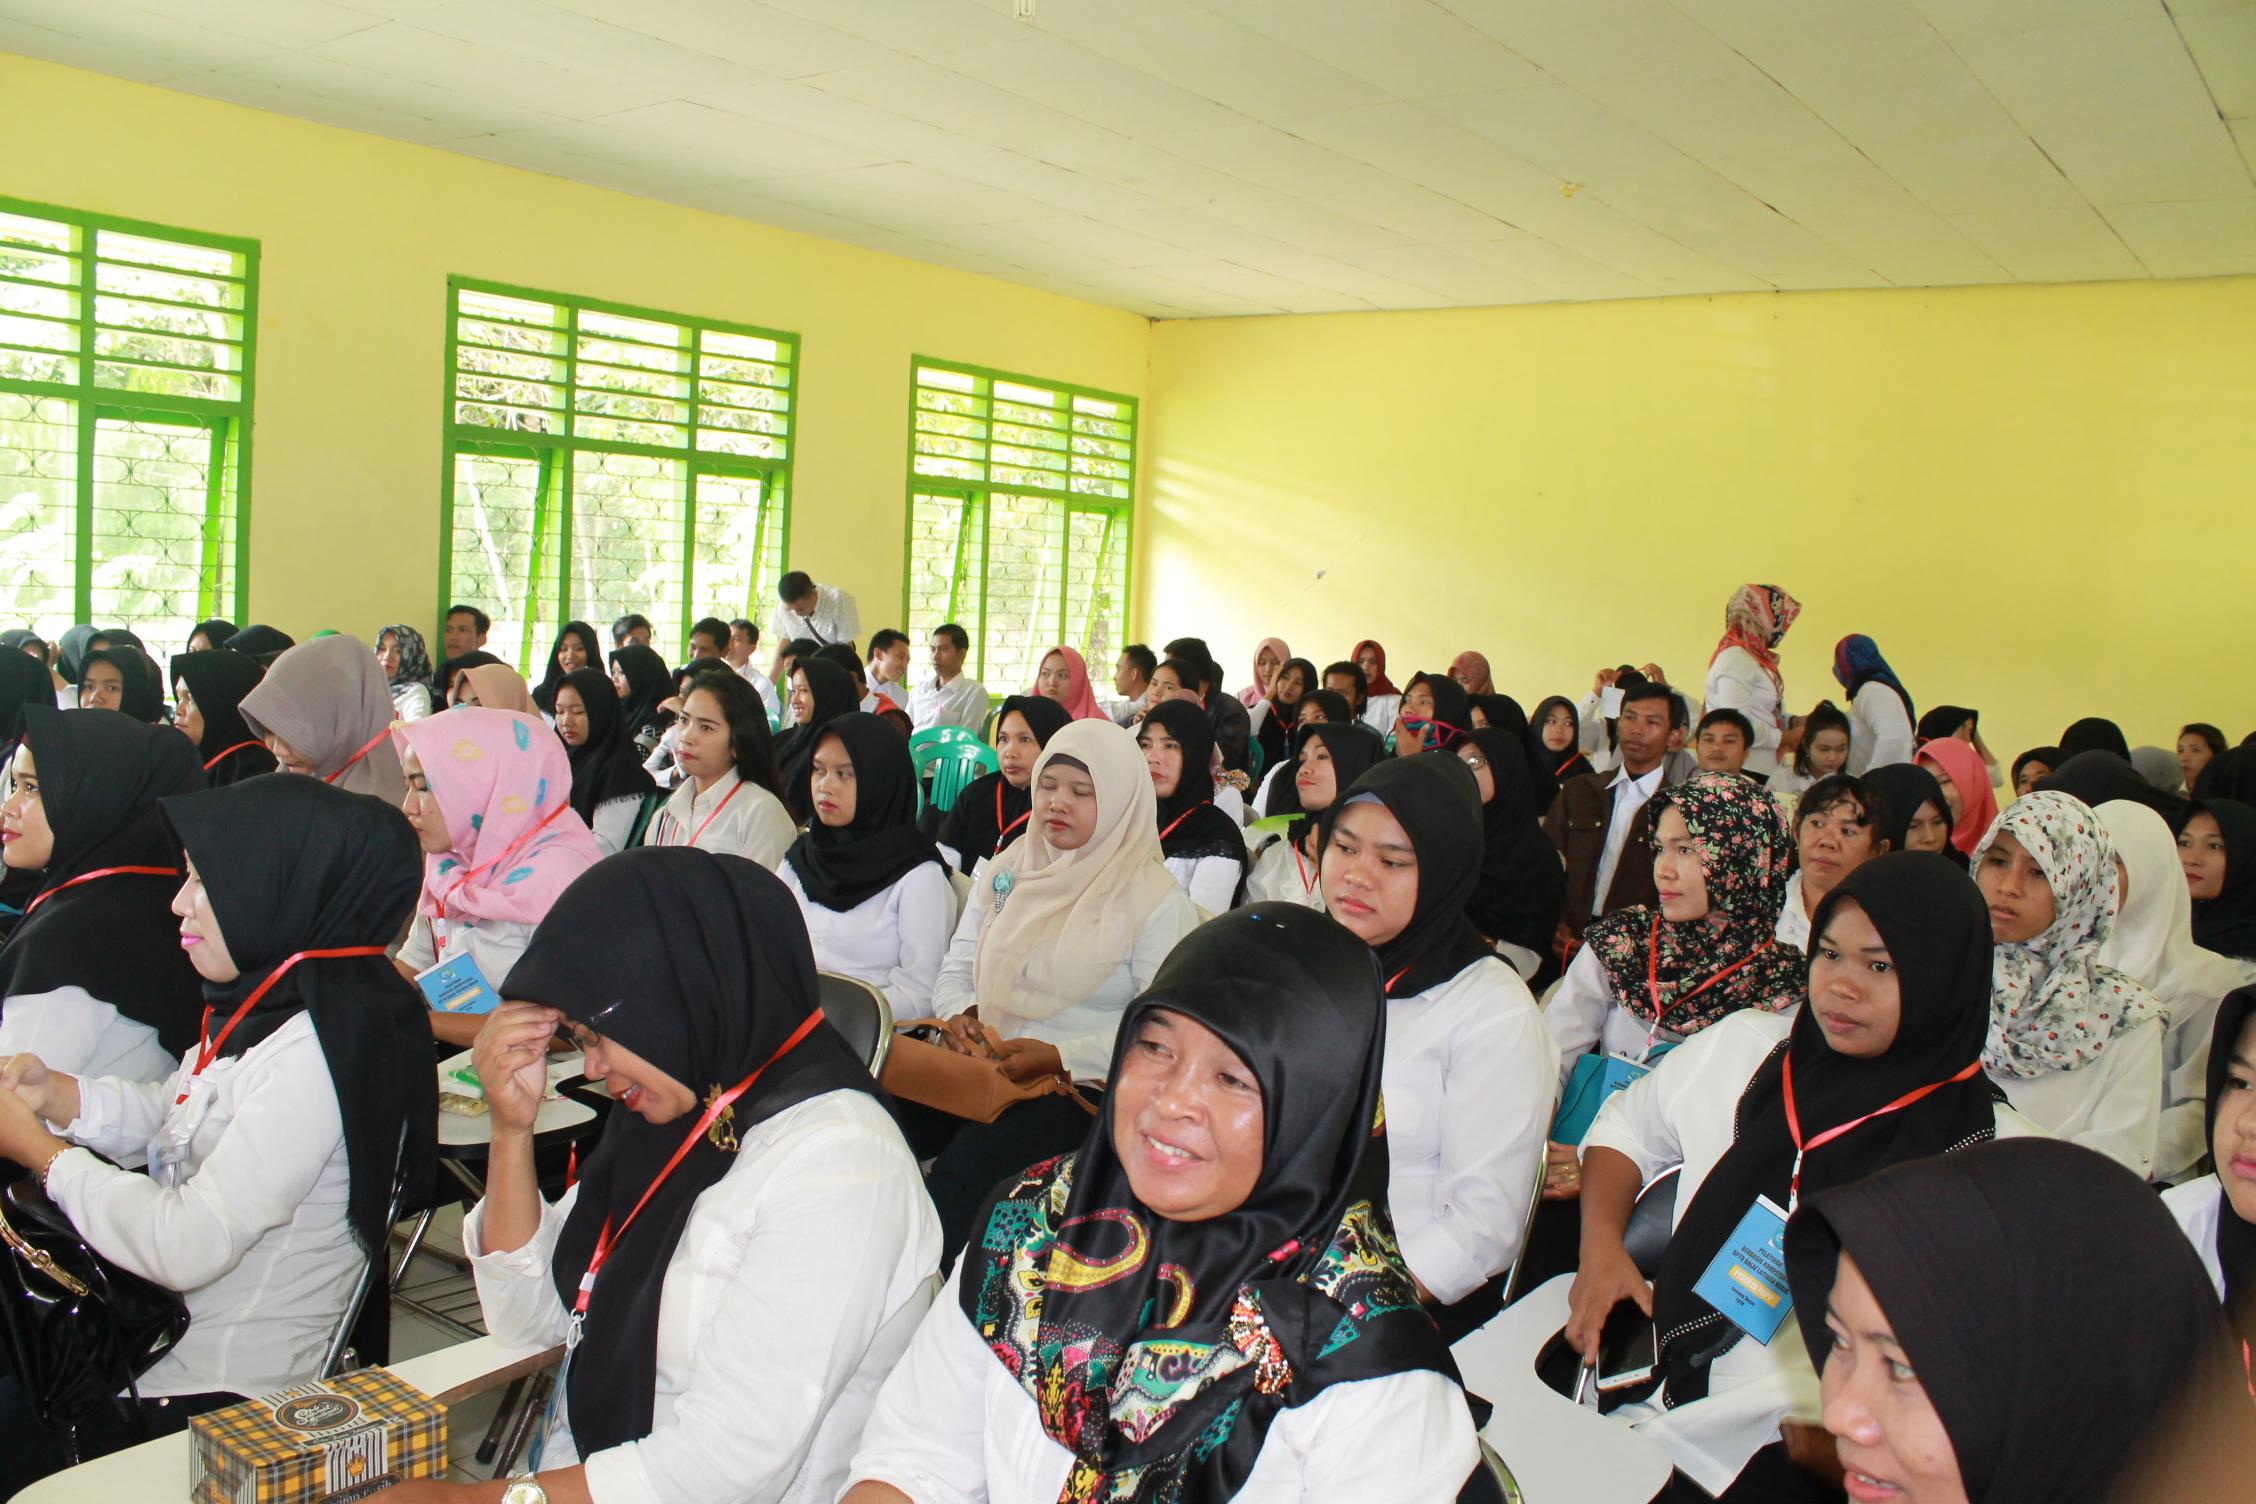 BLK Bengkulu Utara Buka Pelatihan Kerja Berbasis Kompetensi